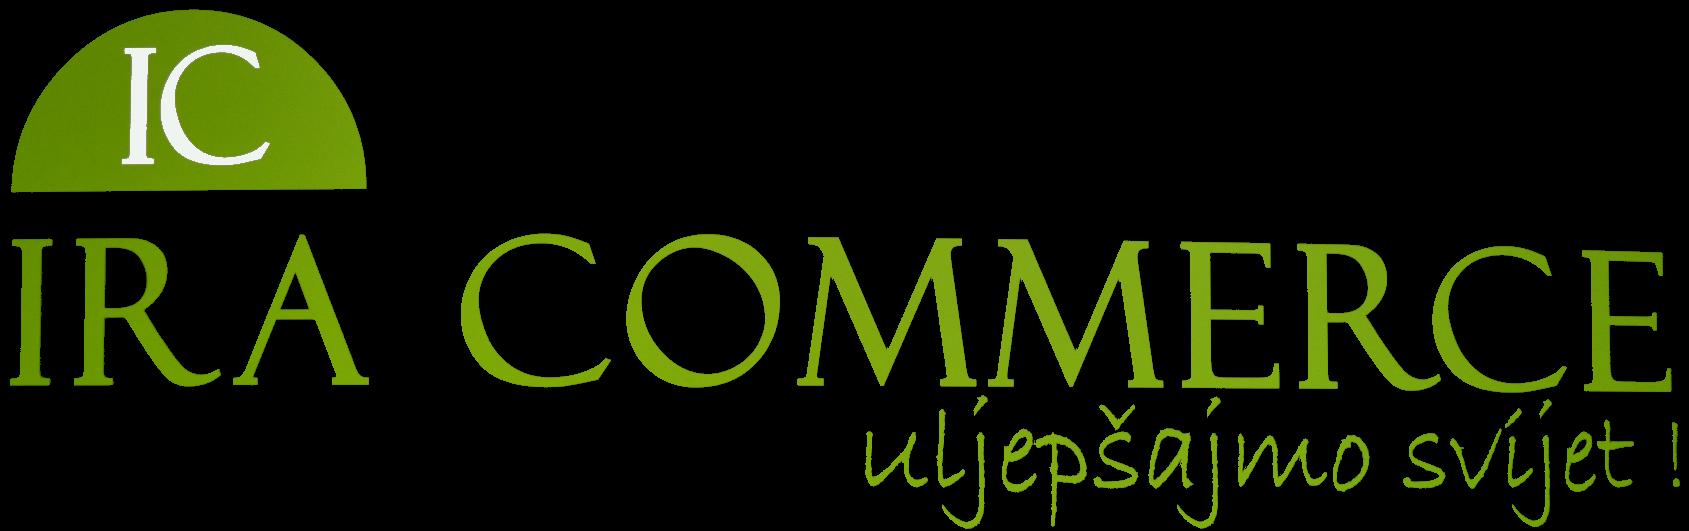 IRA commerce webshop